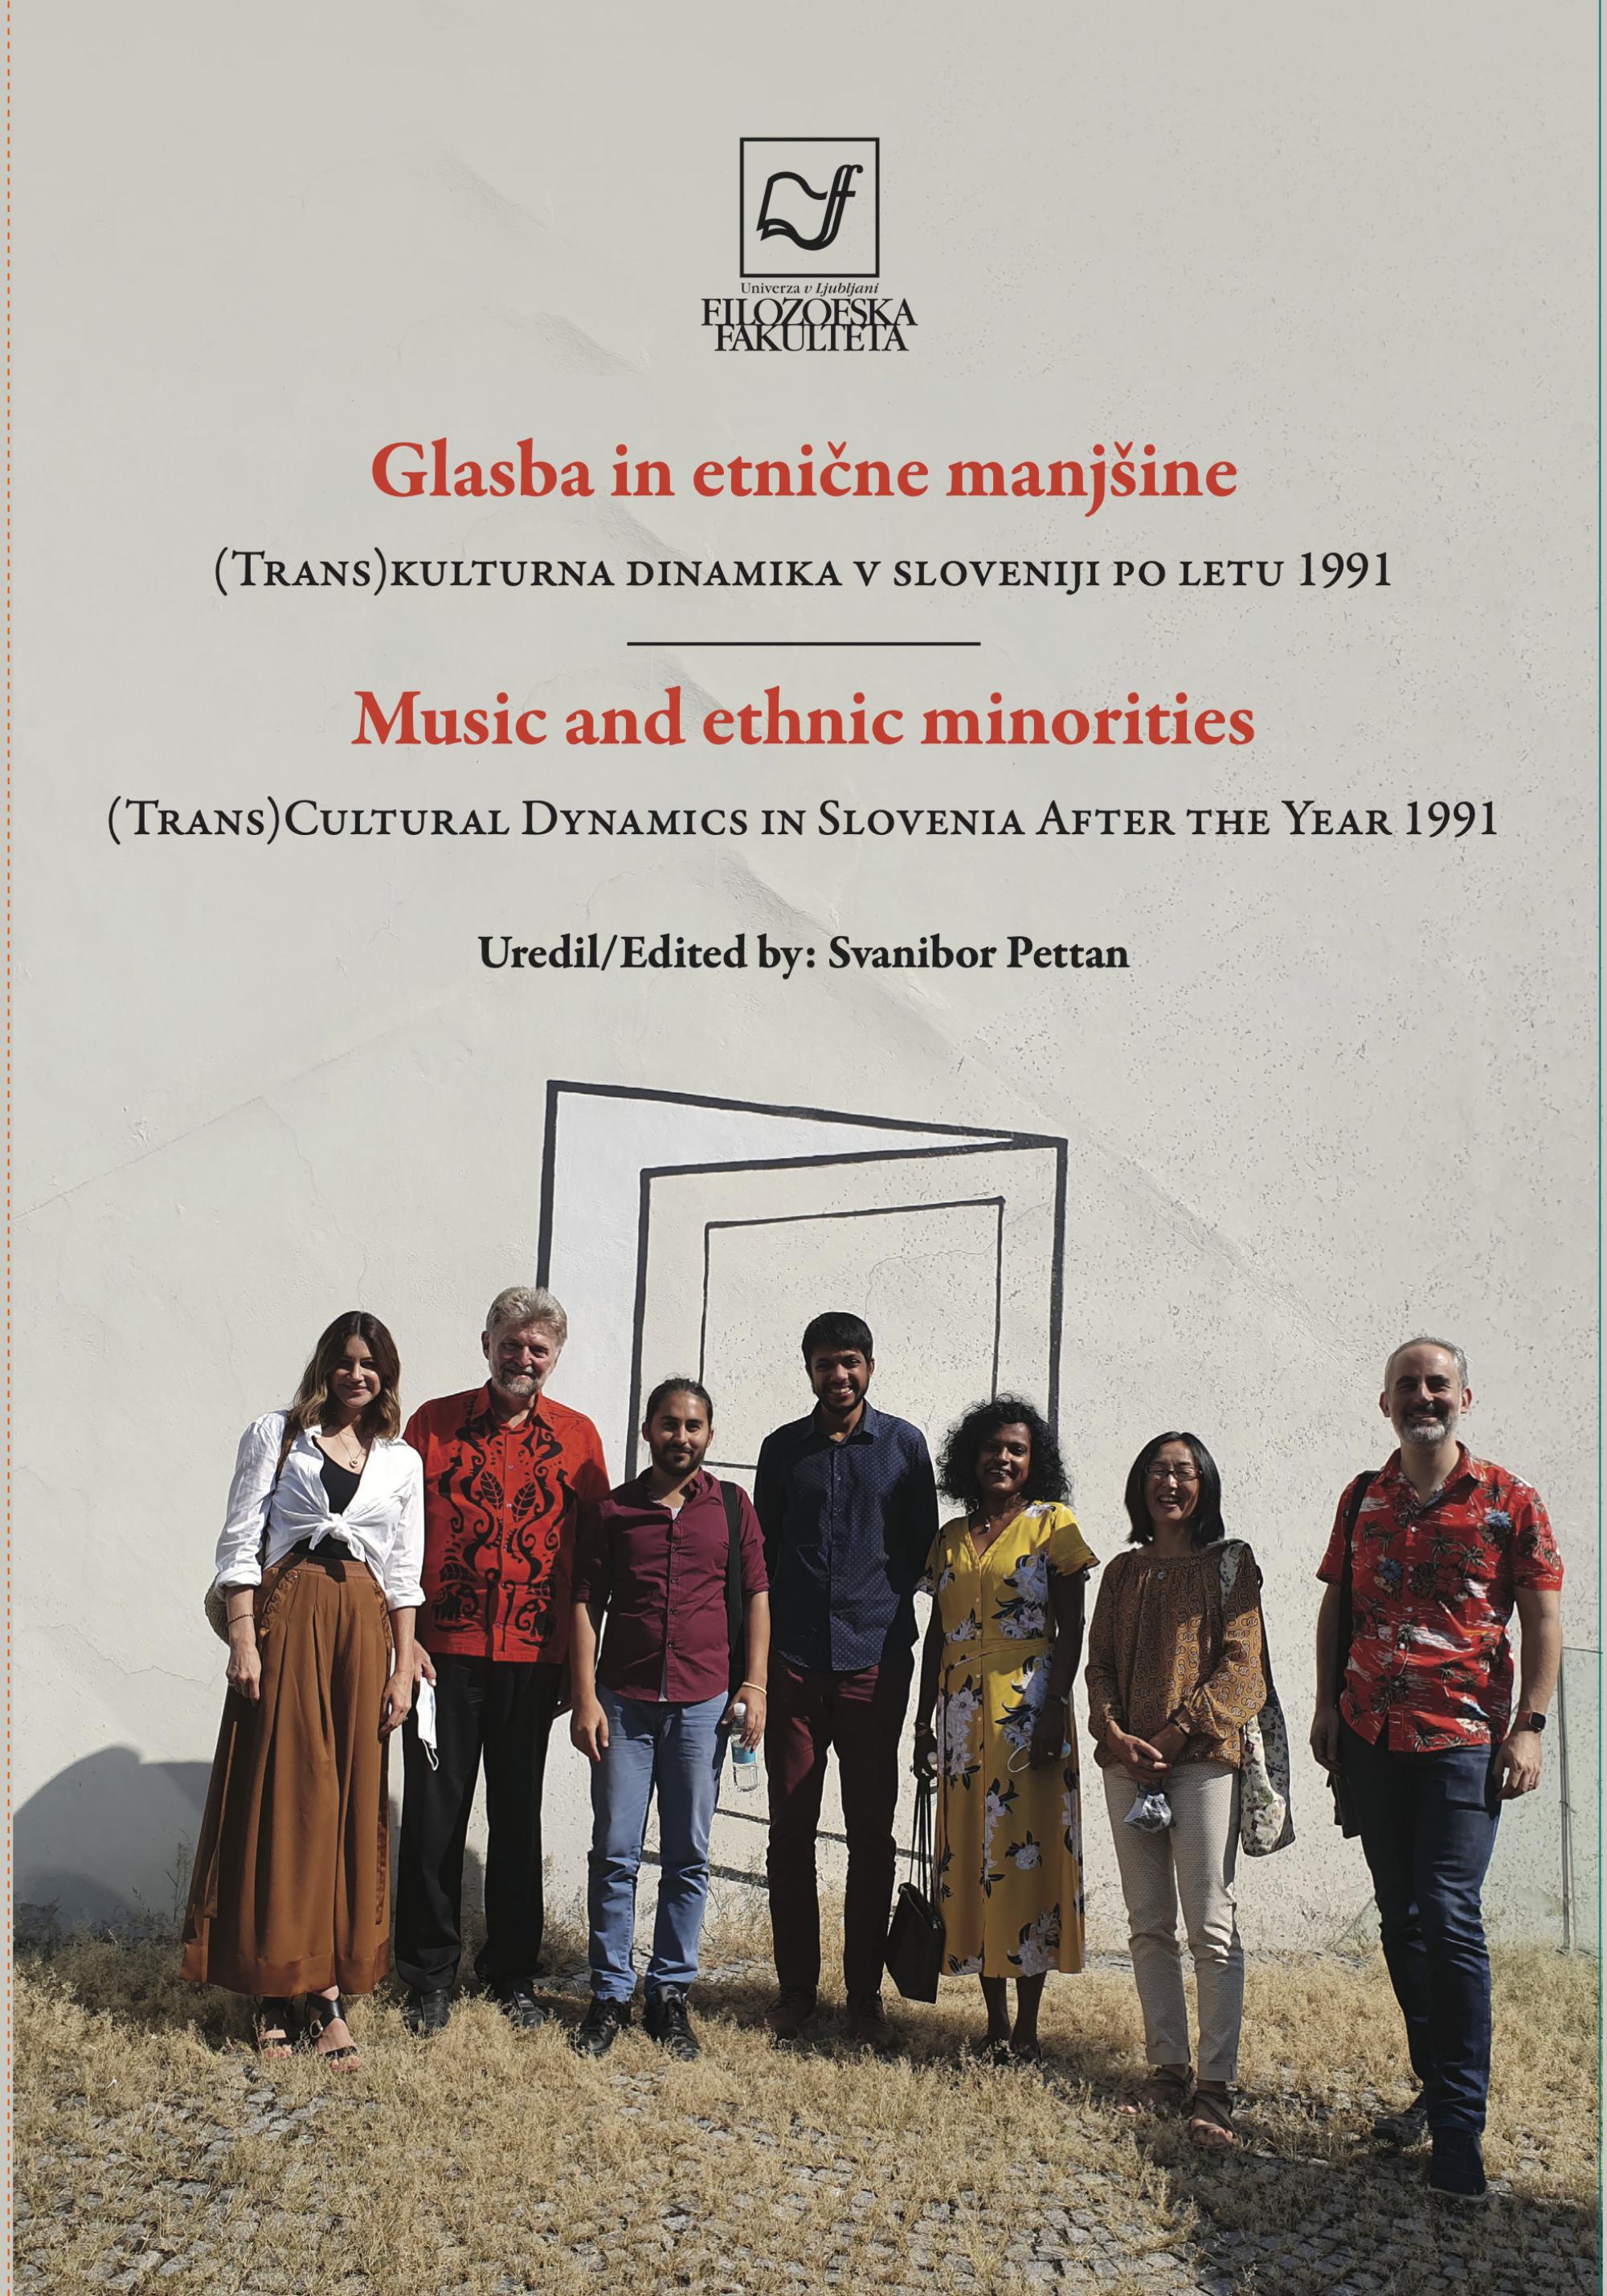 Glasba in etnične manjšine